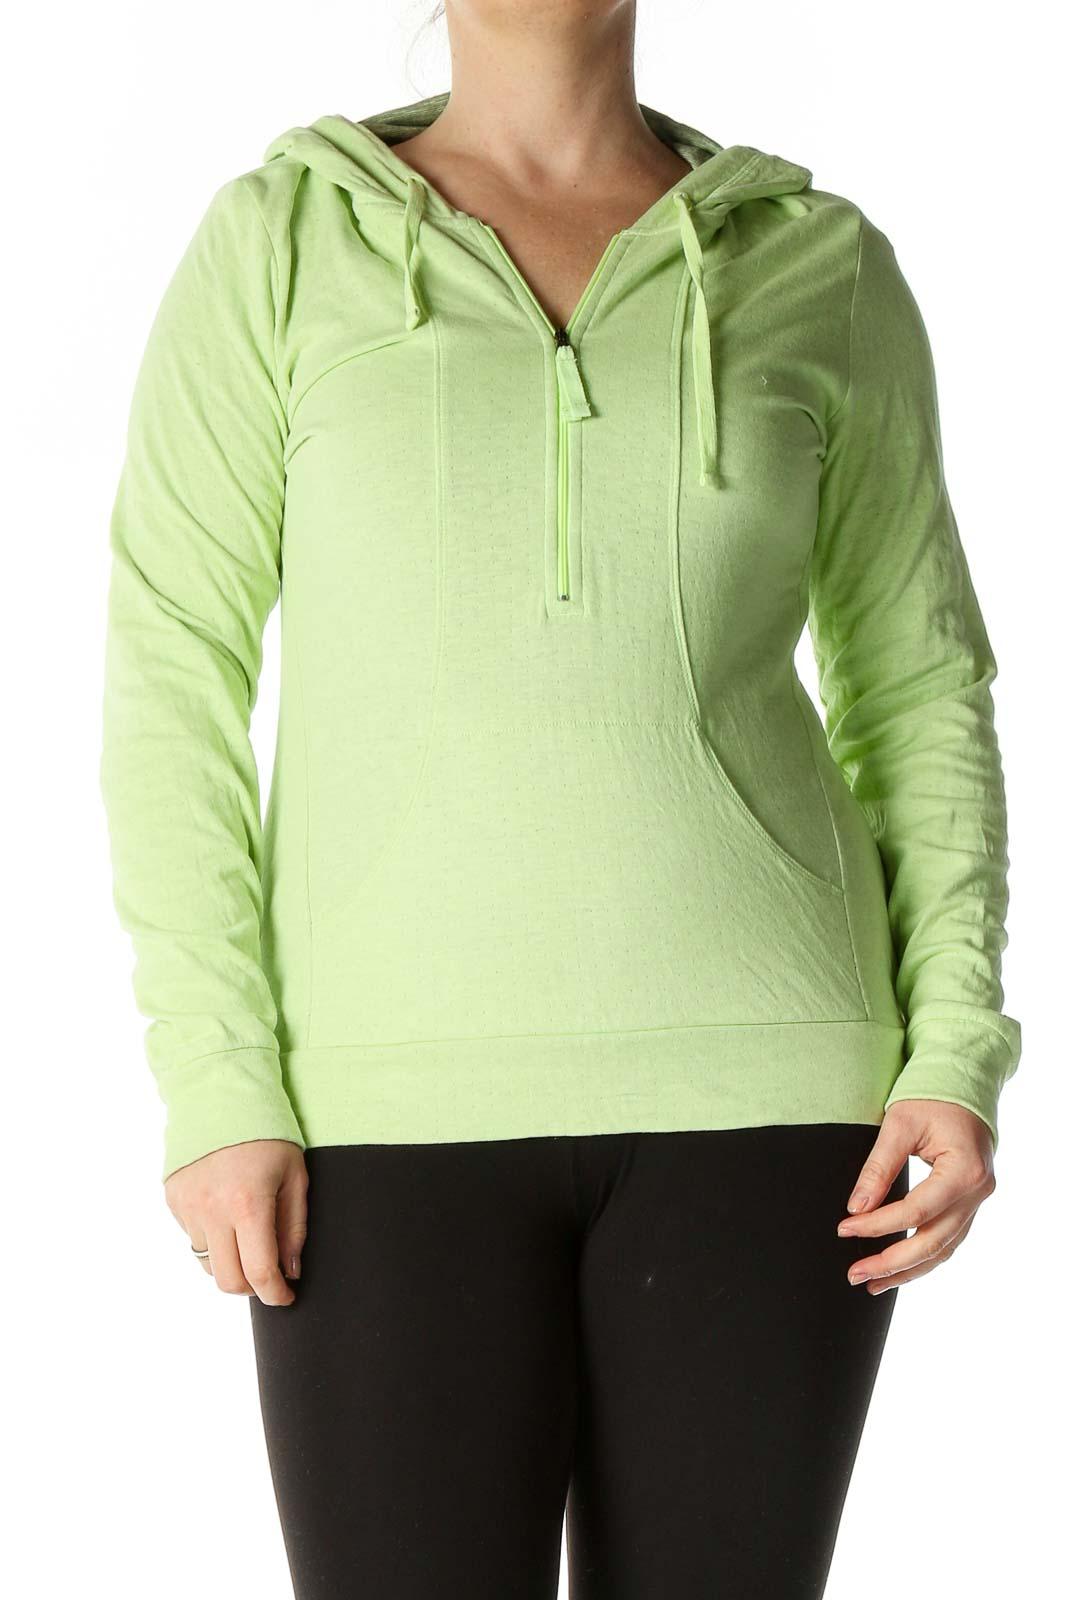 Green Solid Sweatshirt Front